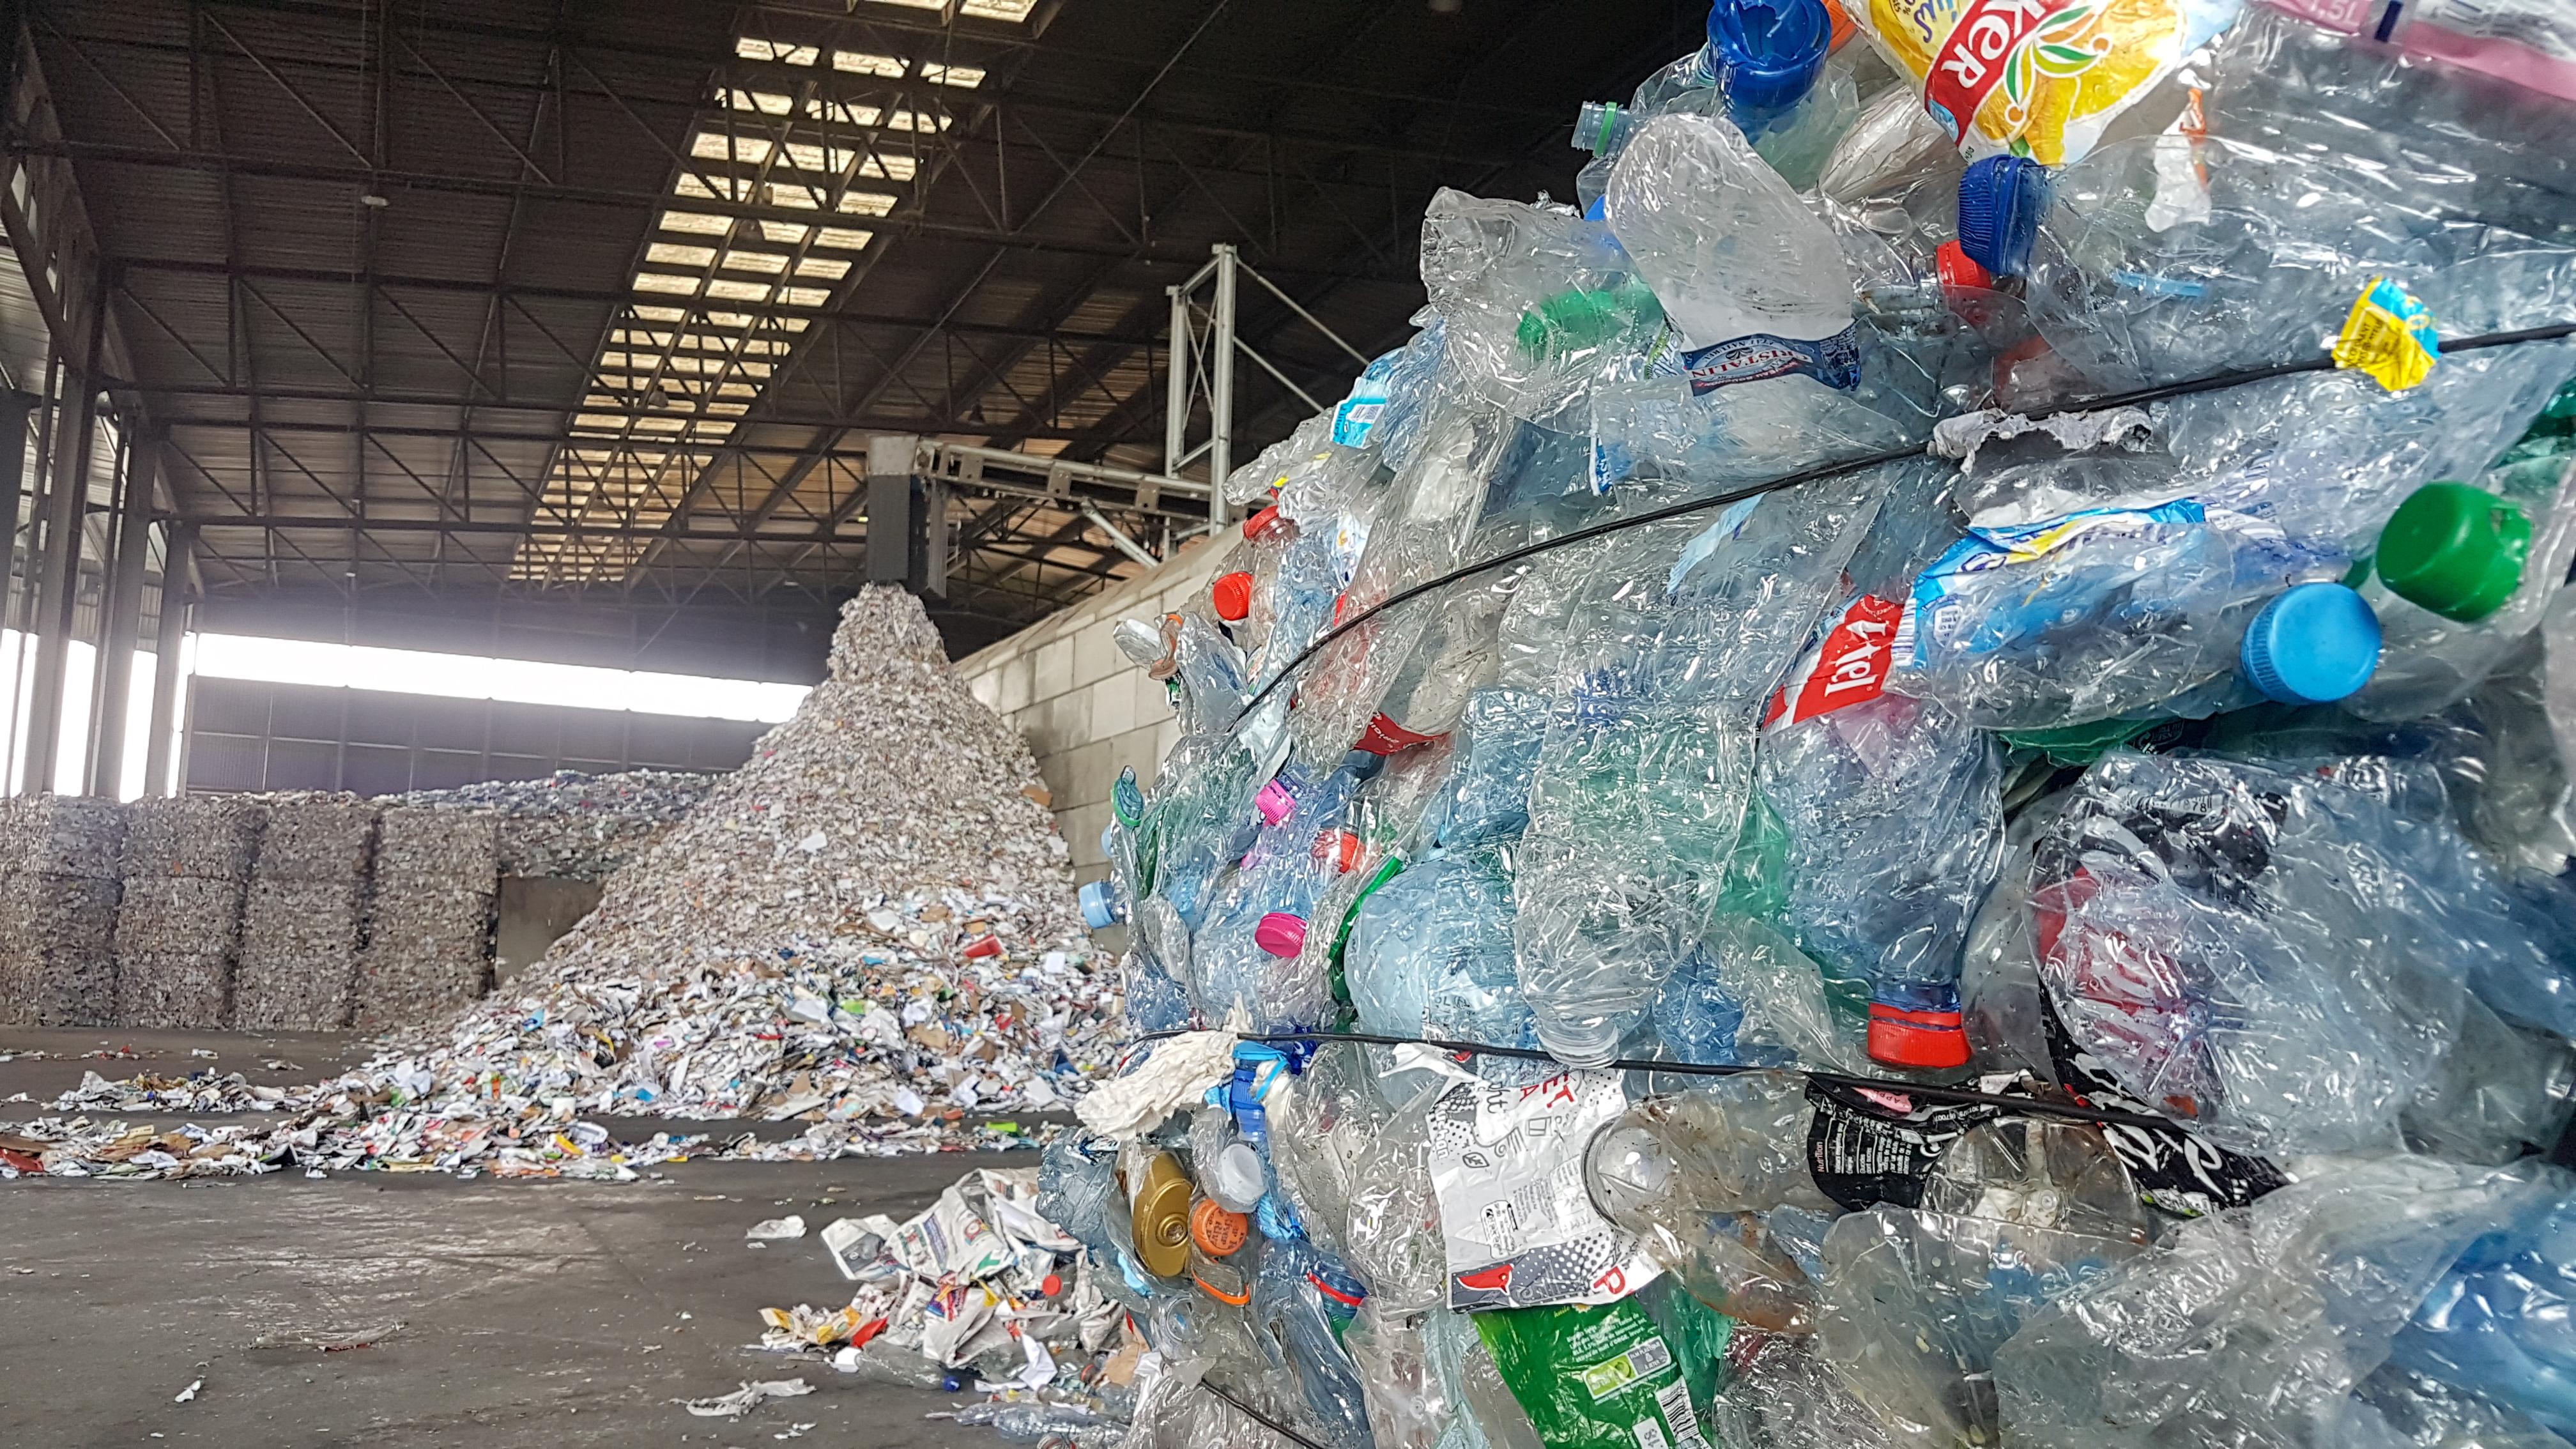 Recyclage : visite du centre de tri de Strasbourg